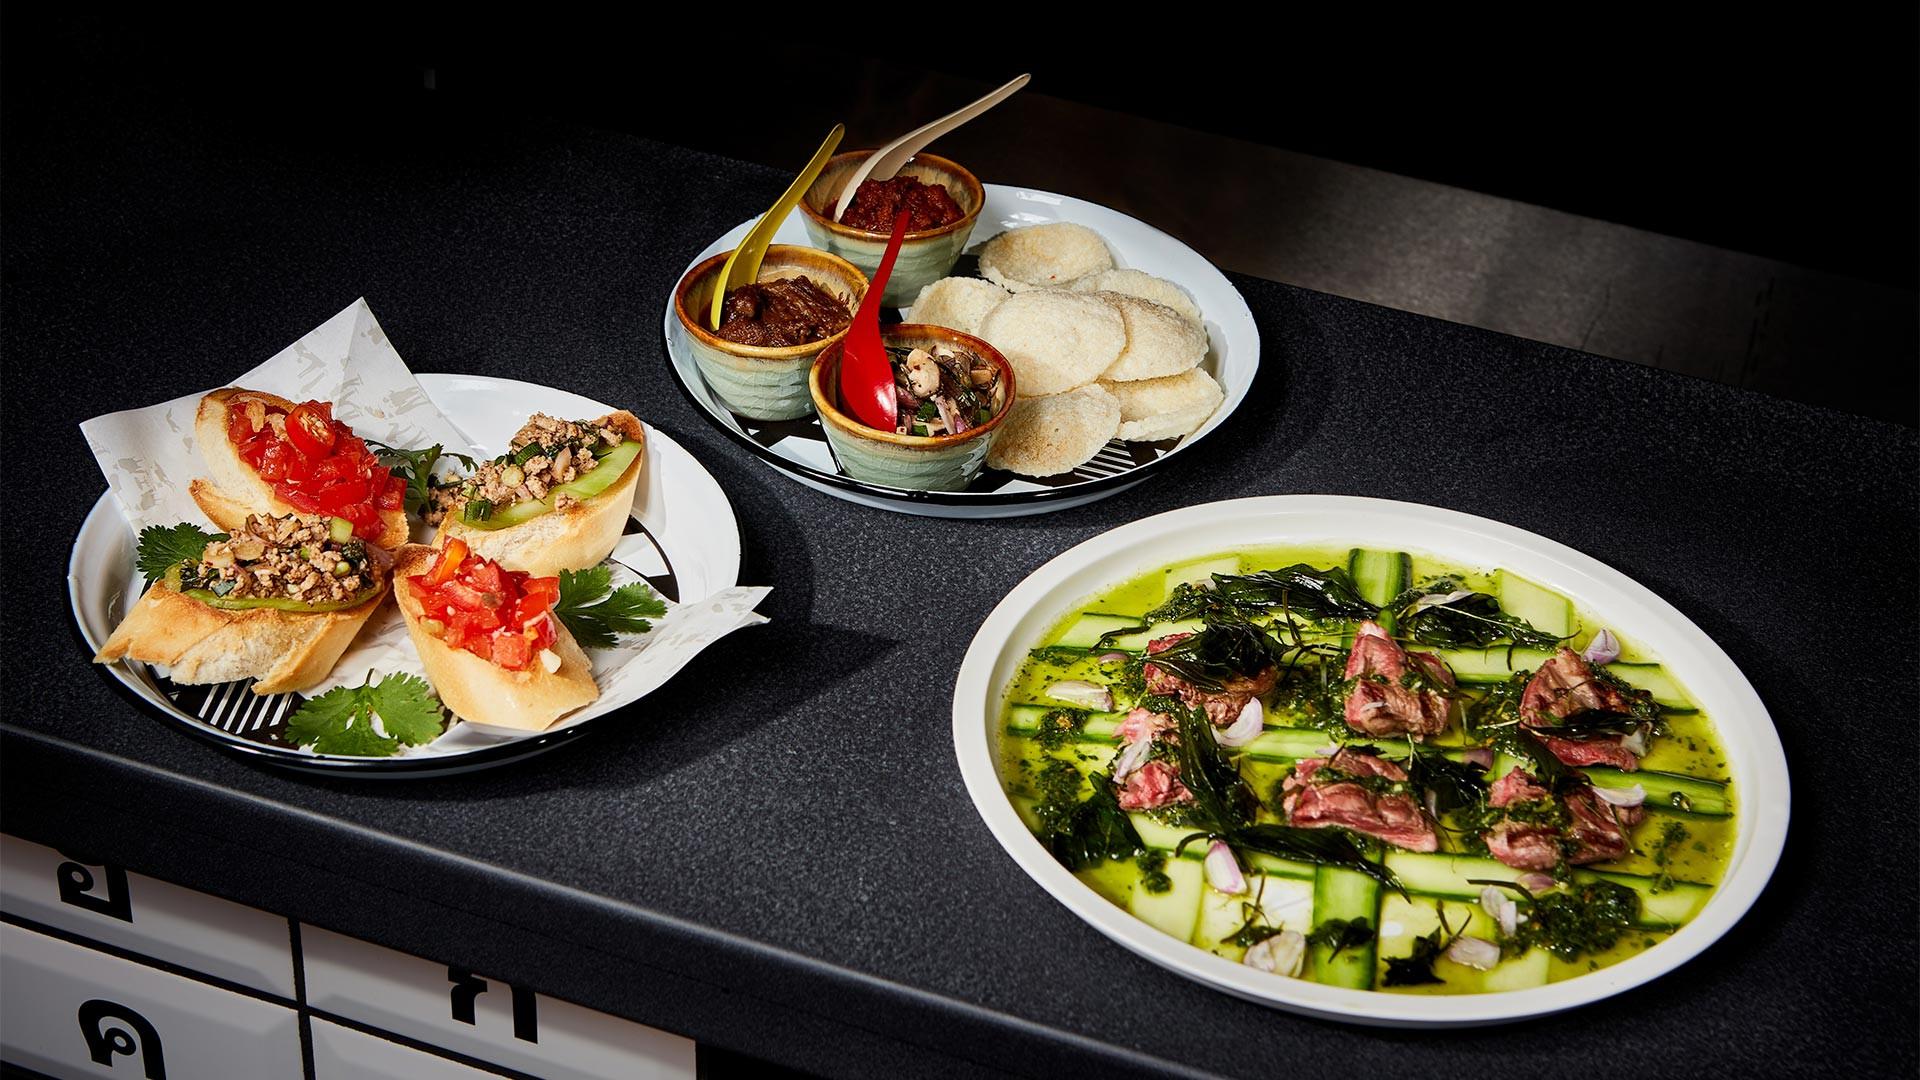 Bangkok bruschetta, khao tung and the Weeping Wolf lamb dish at Greyhound Café